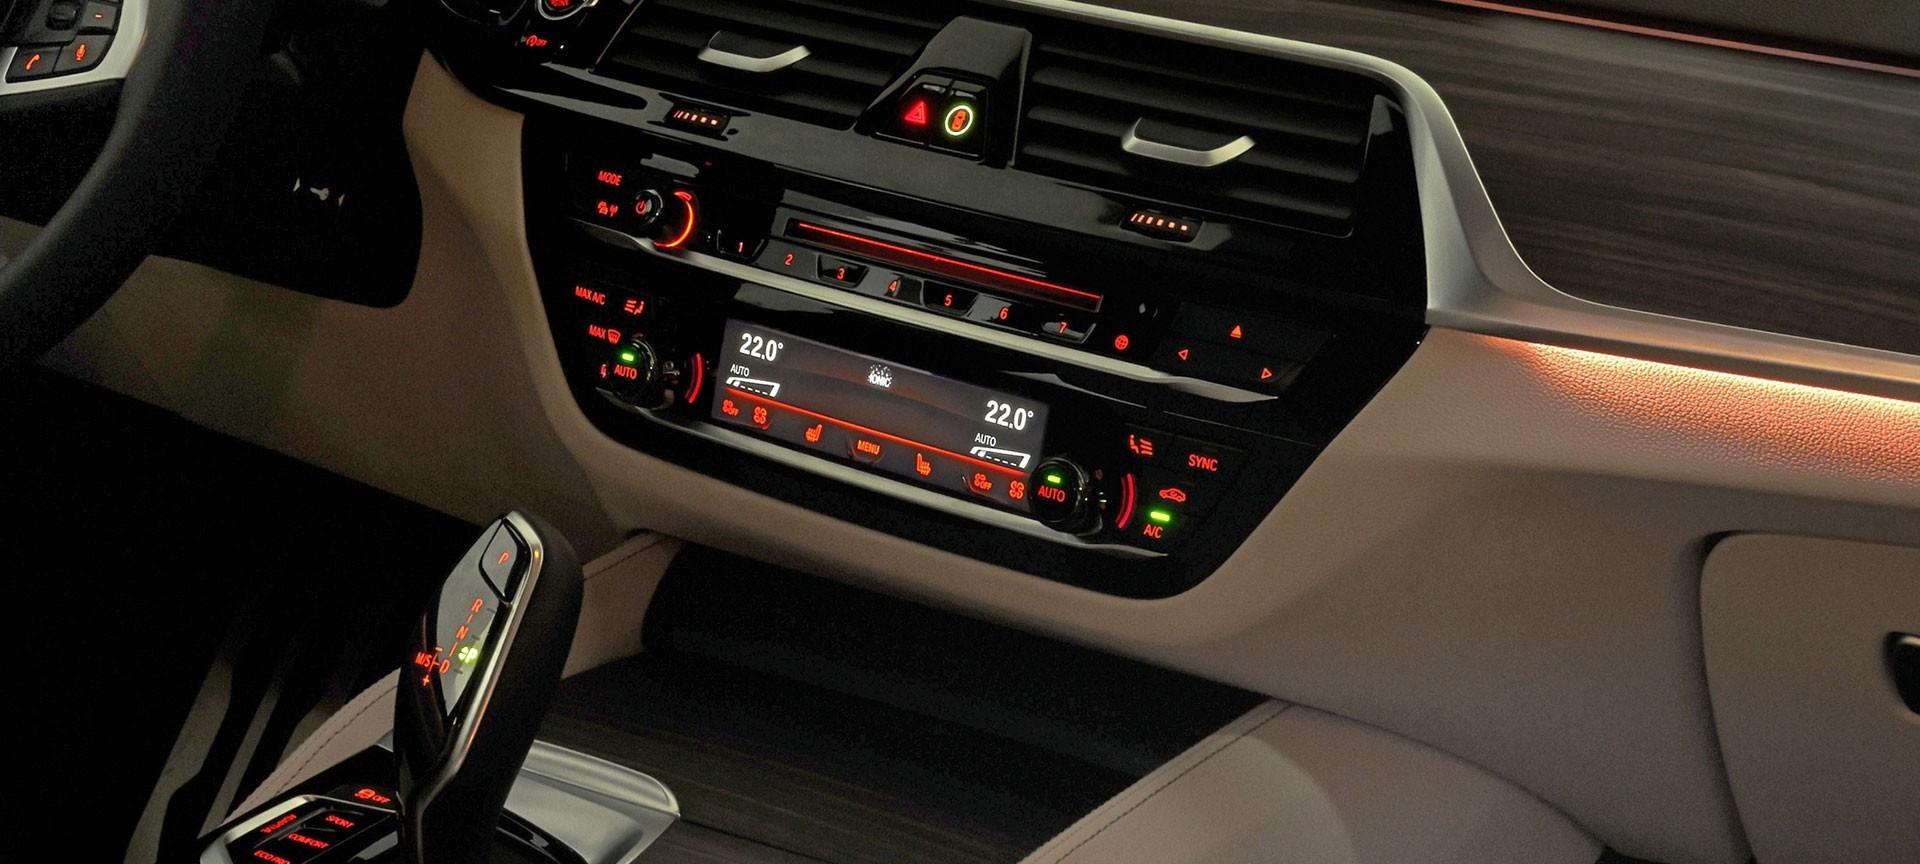 Ce ignoră, de obicei, posesorii de BMW când vine vorba despre aerul condiţionat